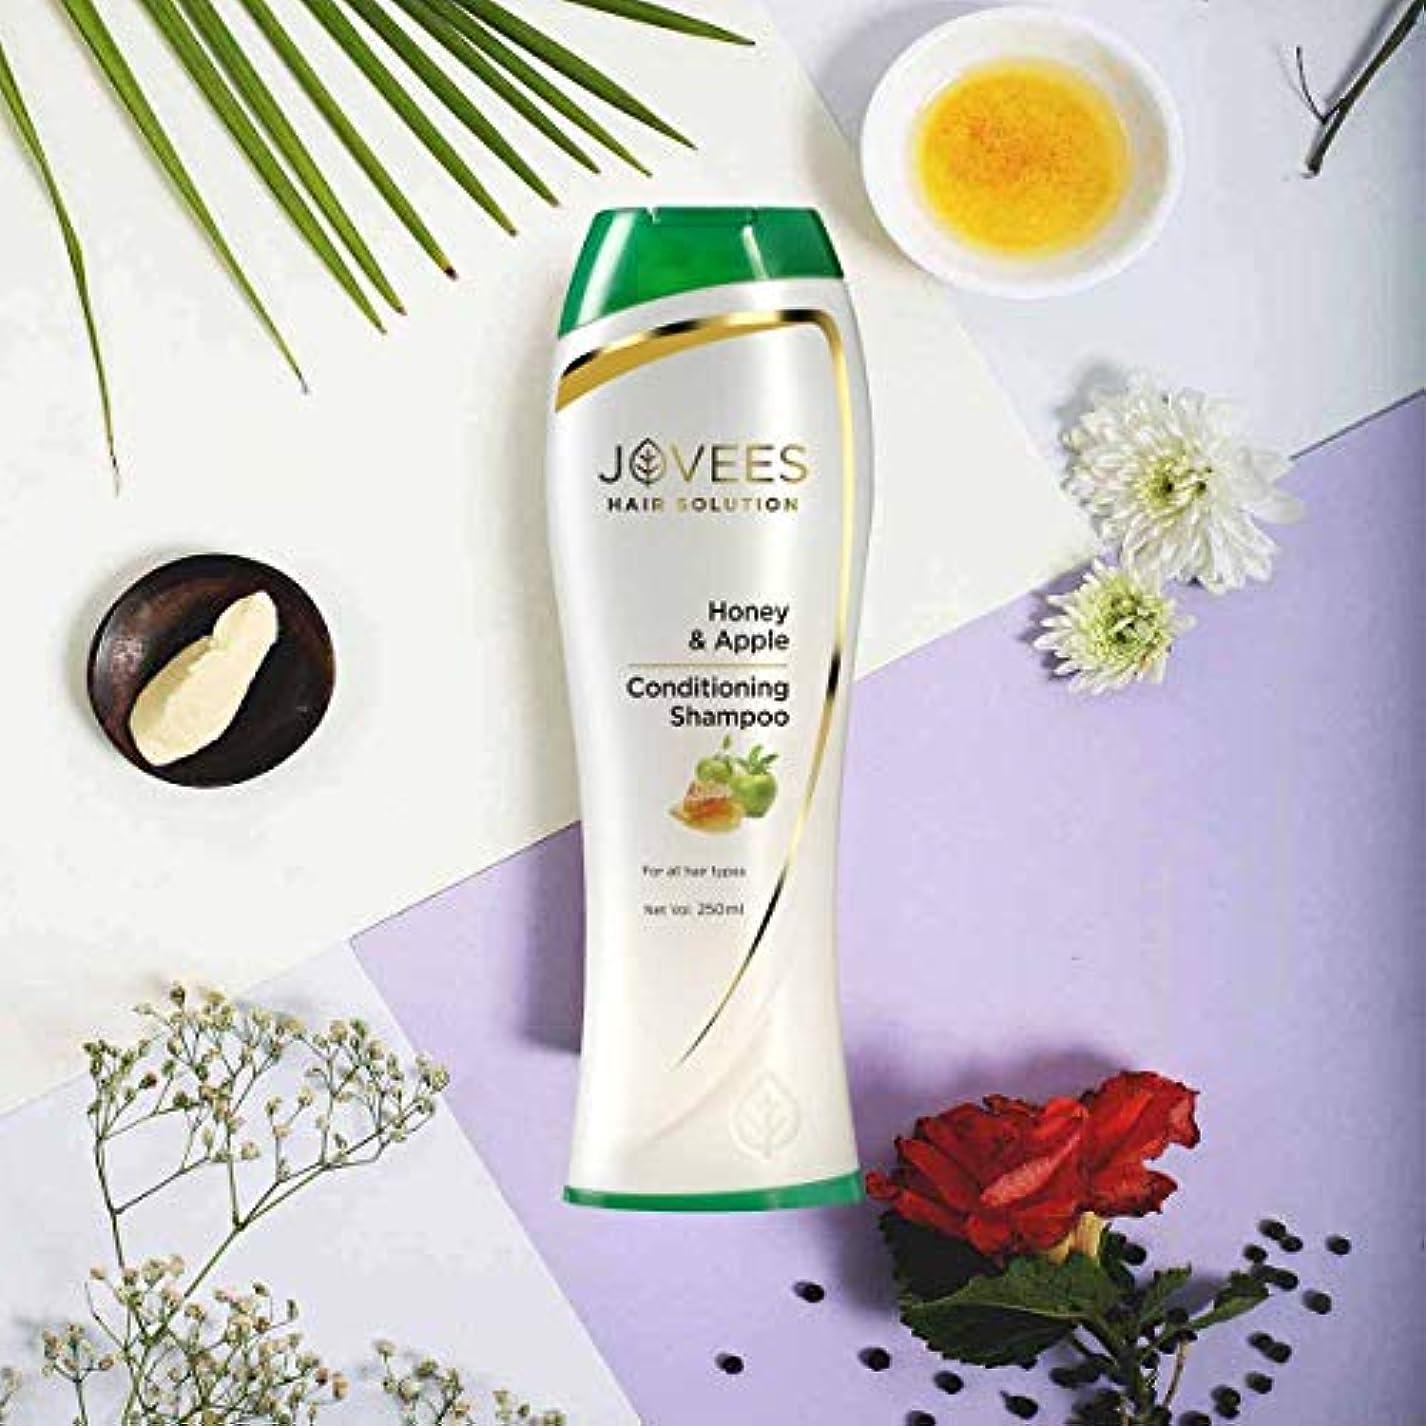 アーティファクト牽引ホイップJovees Honey & Apple Conditioning Shampoo 250ml makes Hair softer, smoother & shinier ハニー&アップルコンディショニングシャンプーは、髪を柔らかく、なめらかに、そして輝かせます。